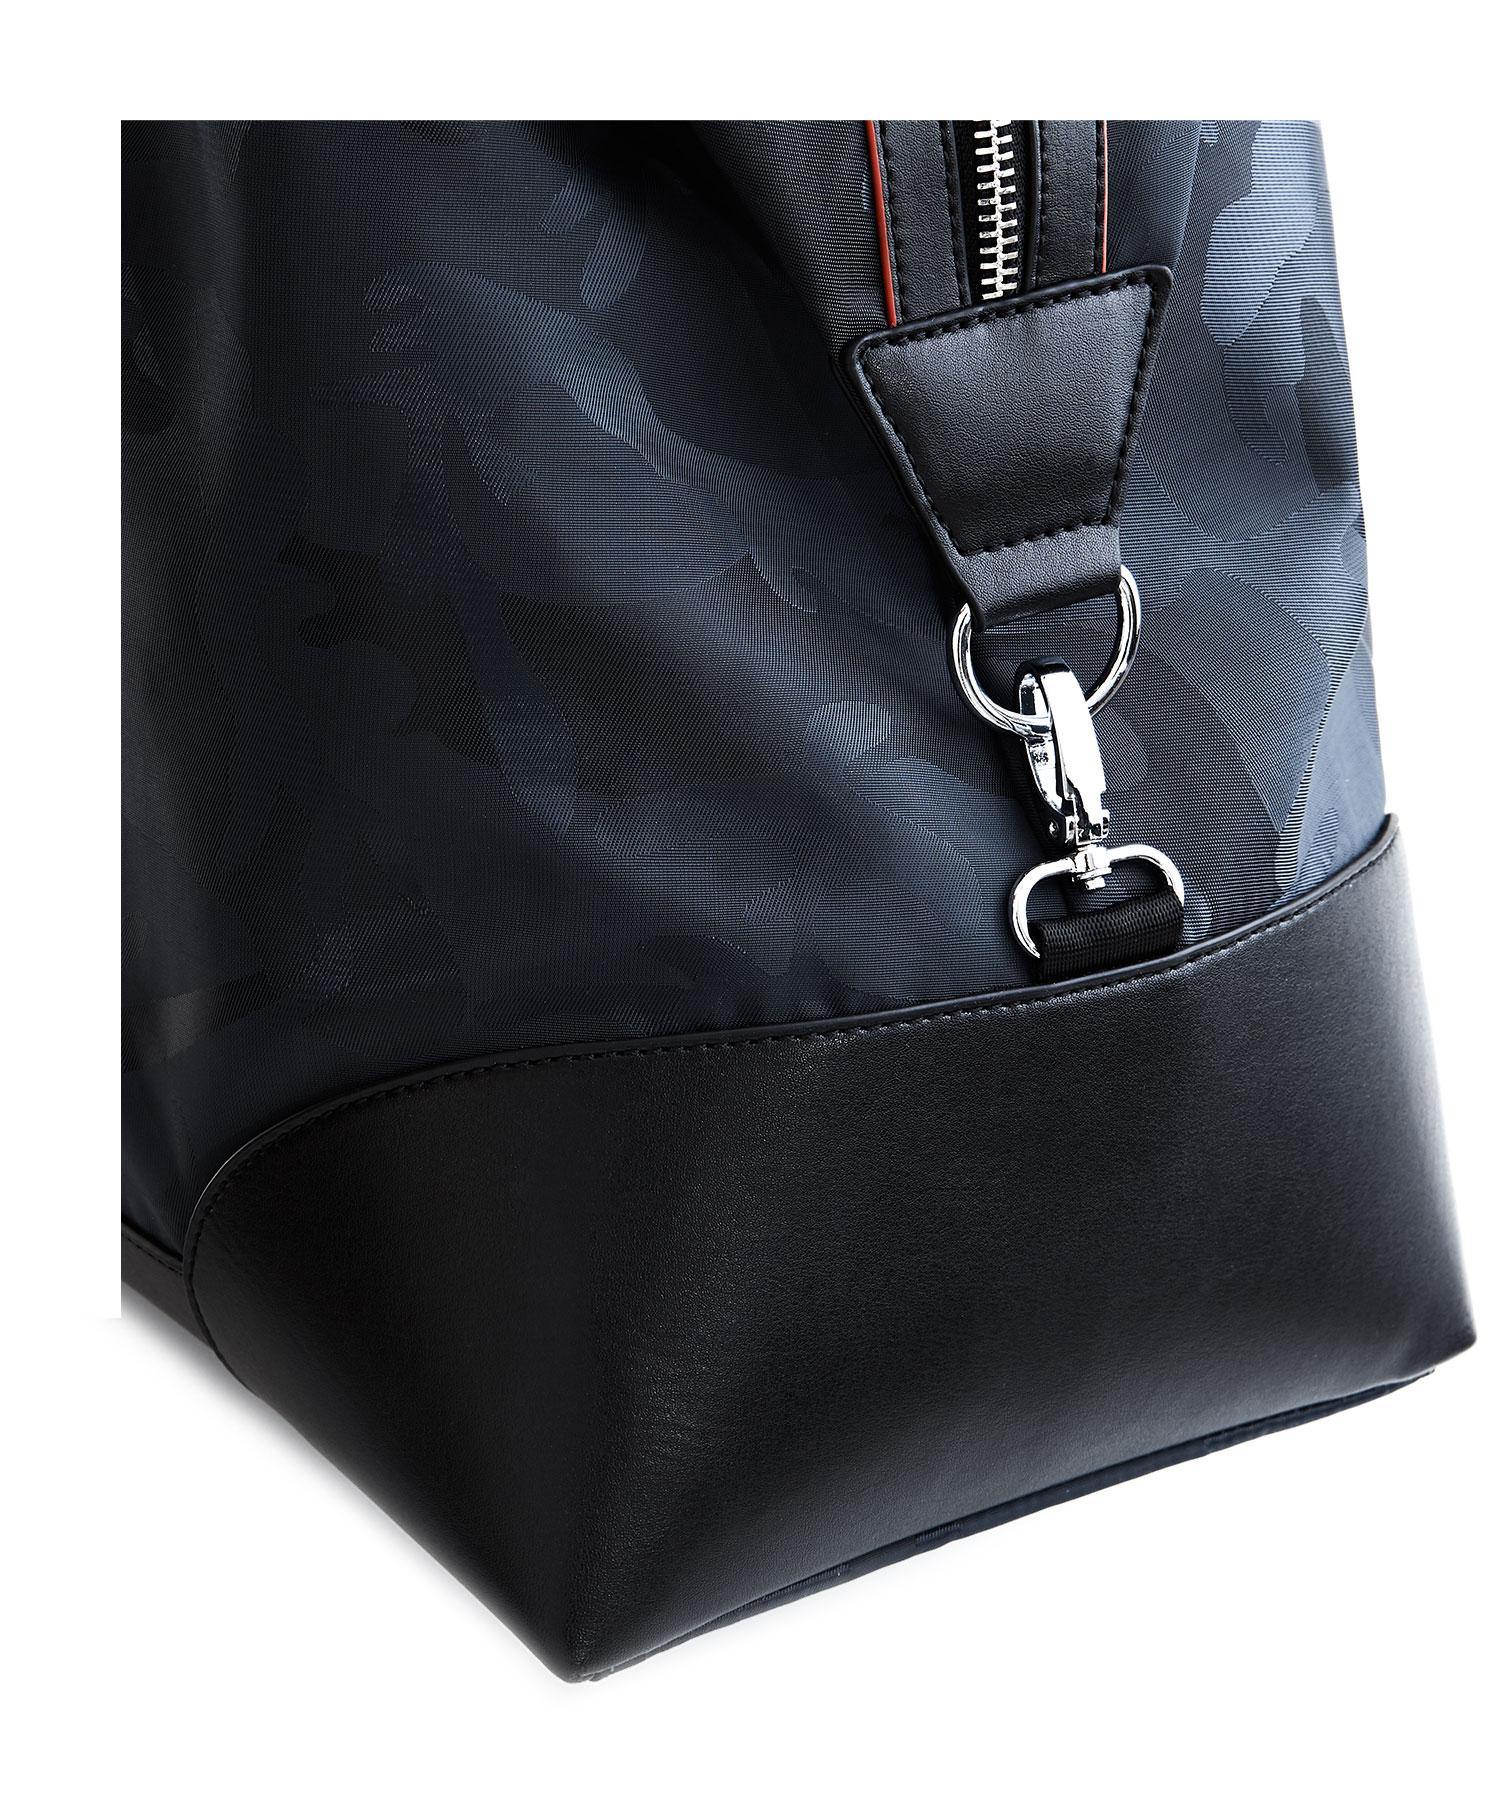 duffel bag sling holder